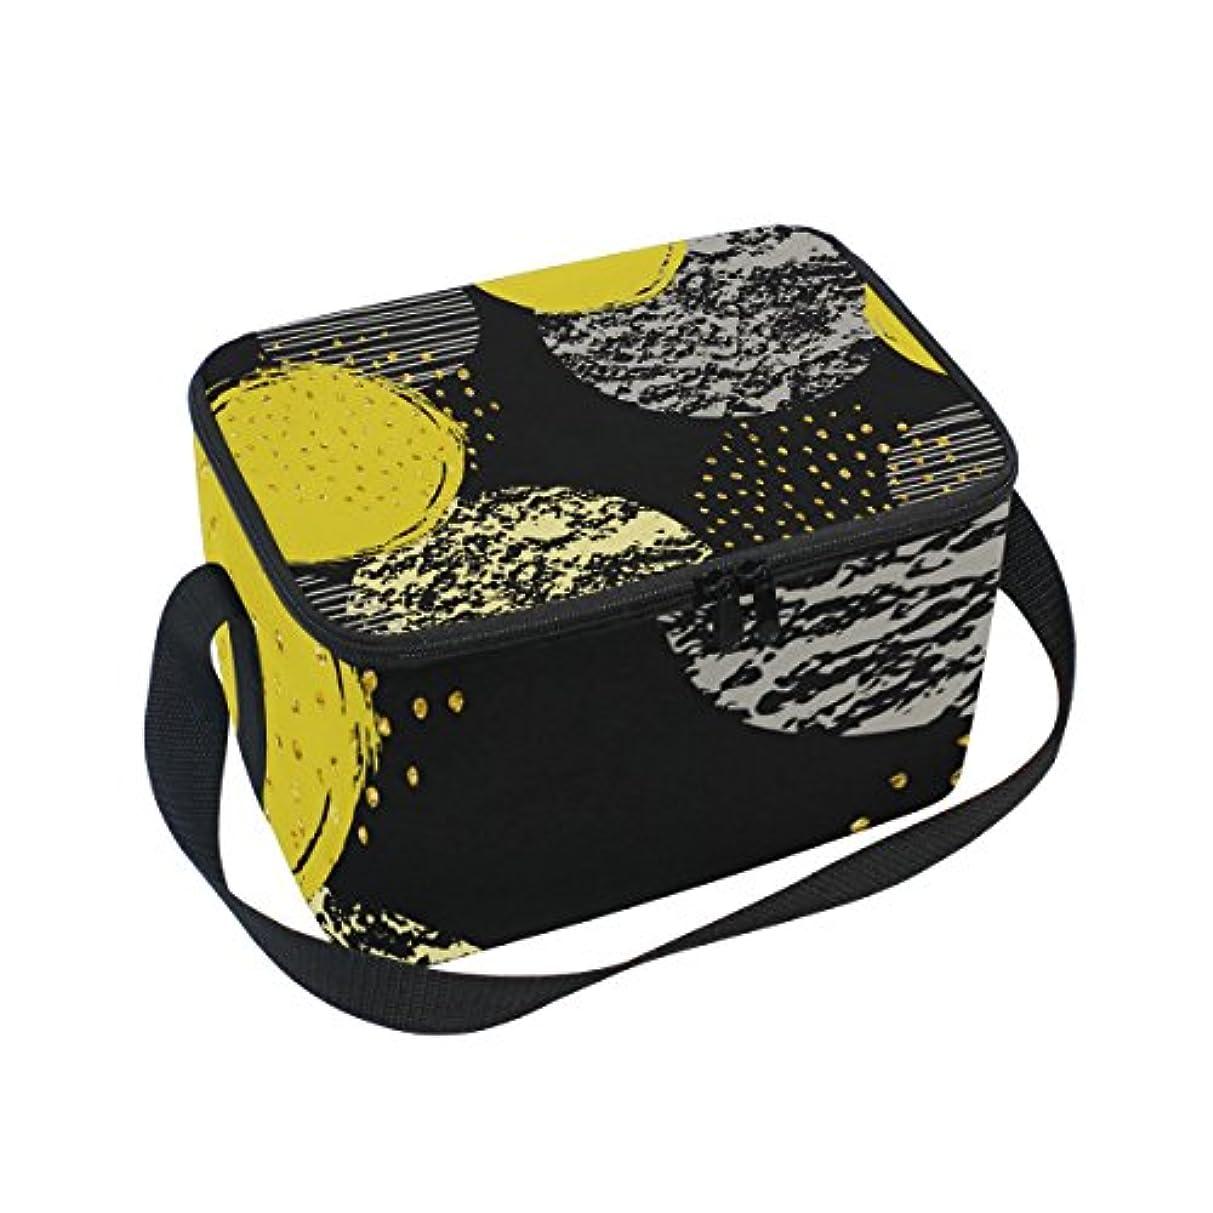 バイアス送金品種クーラーバッグ クーラーボックス ソフトクーラ 冷蔵ボックス キャンプ用品  ドット 金色 保冷保温 大容量 肩掛け お花見 アウトドア